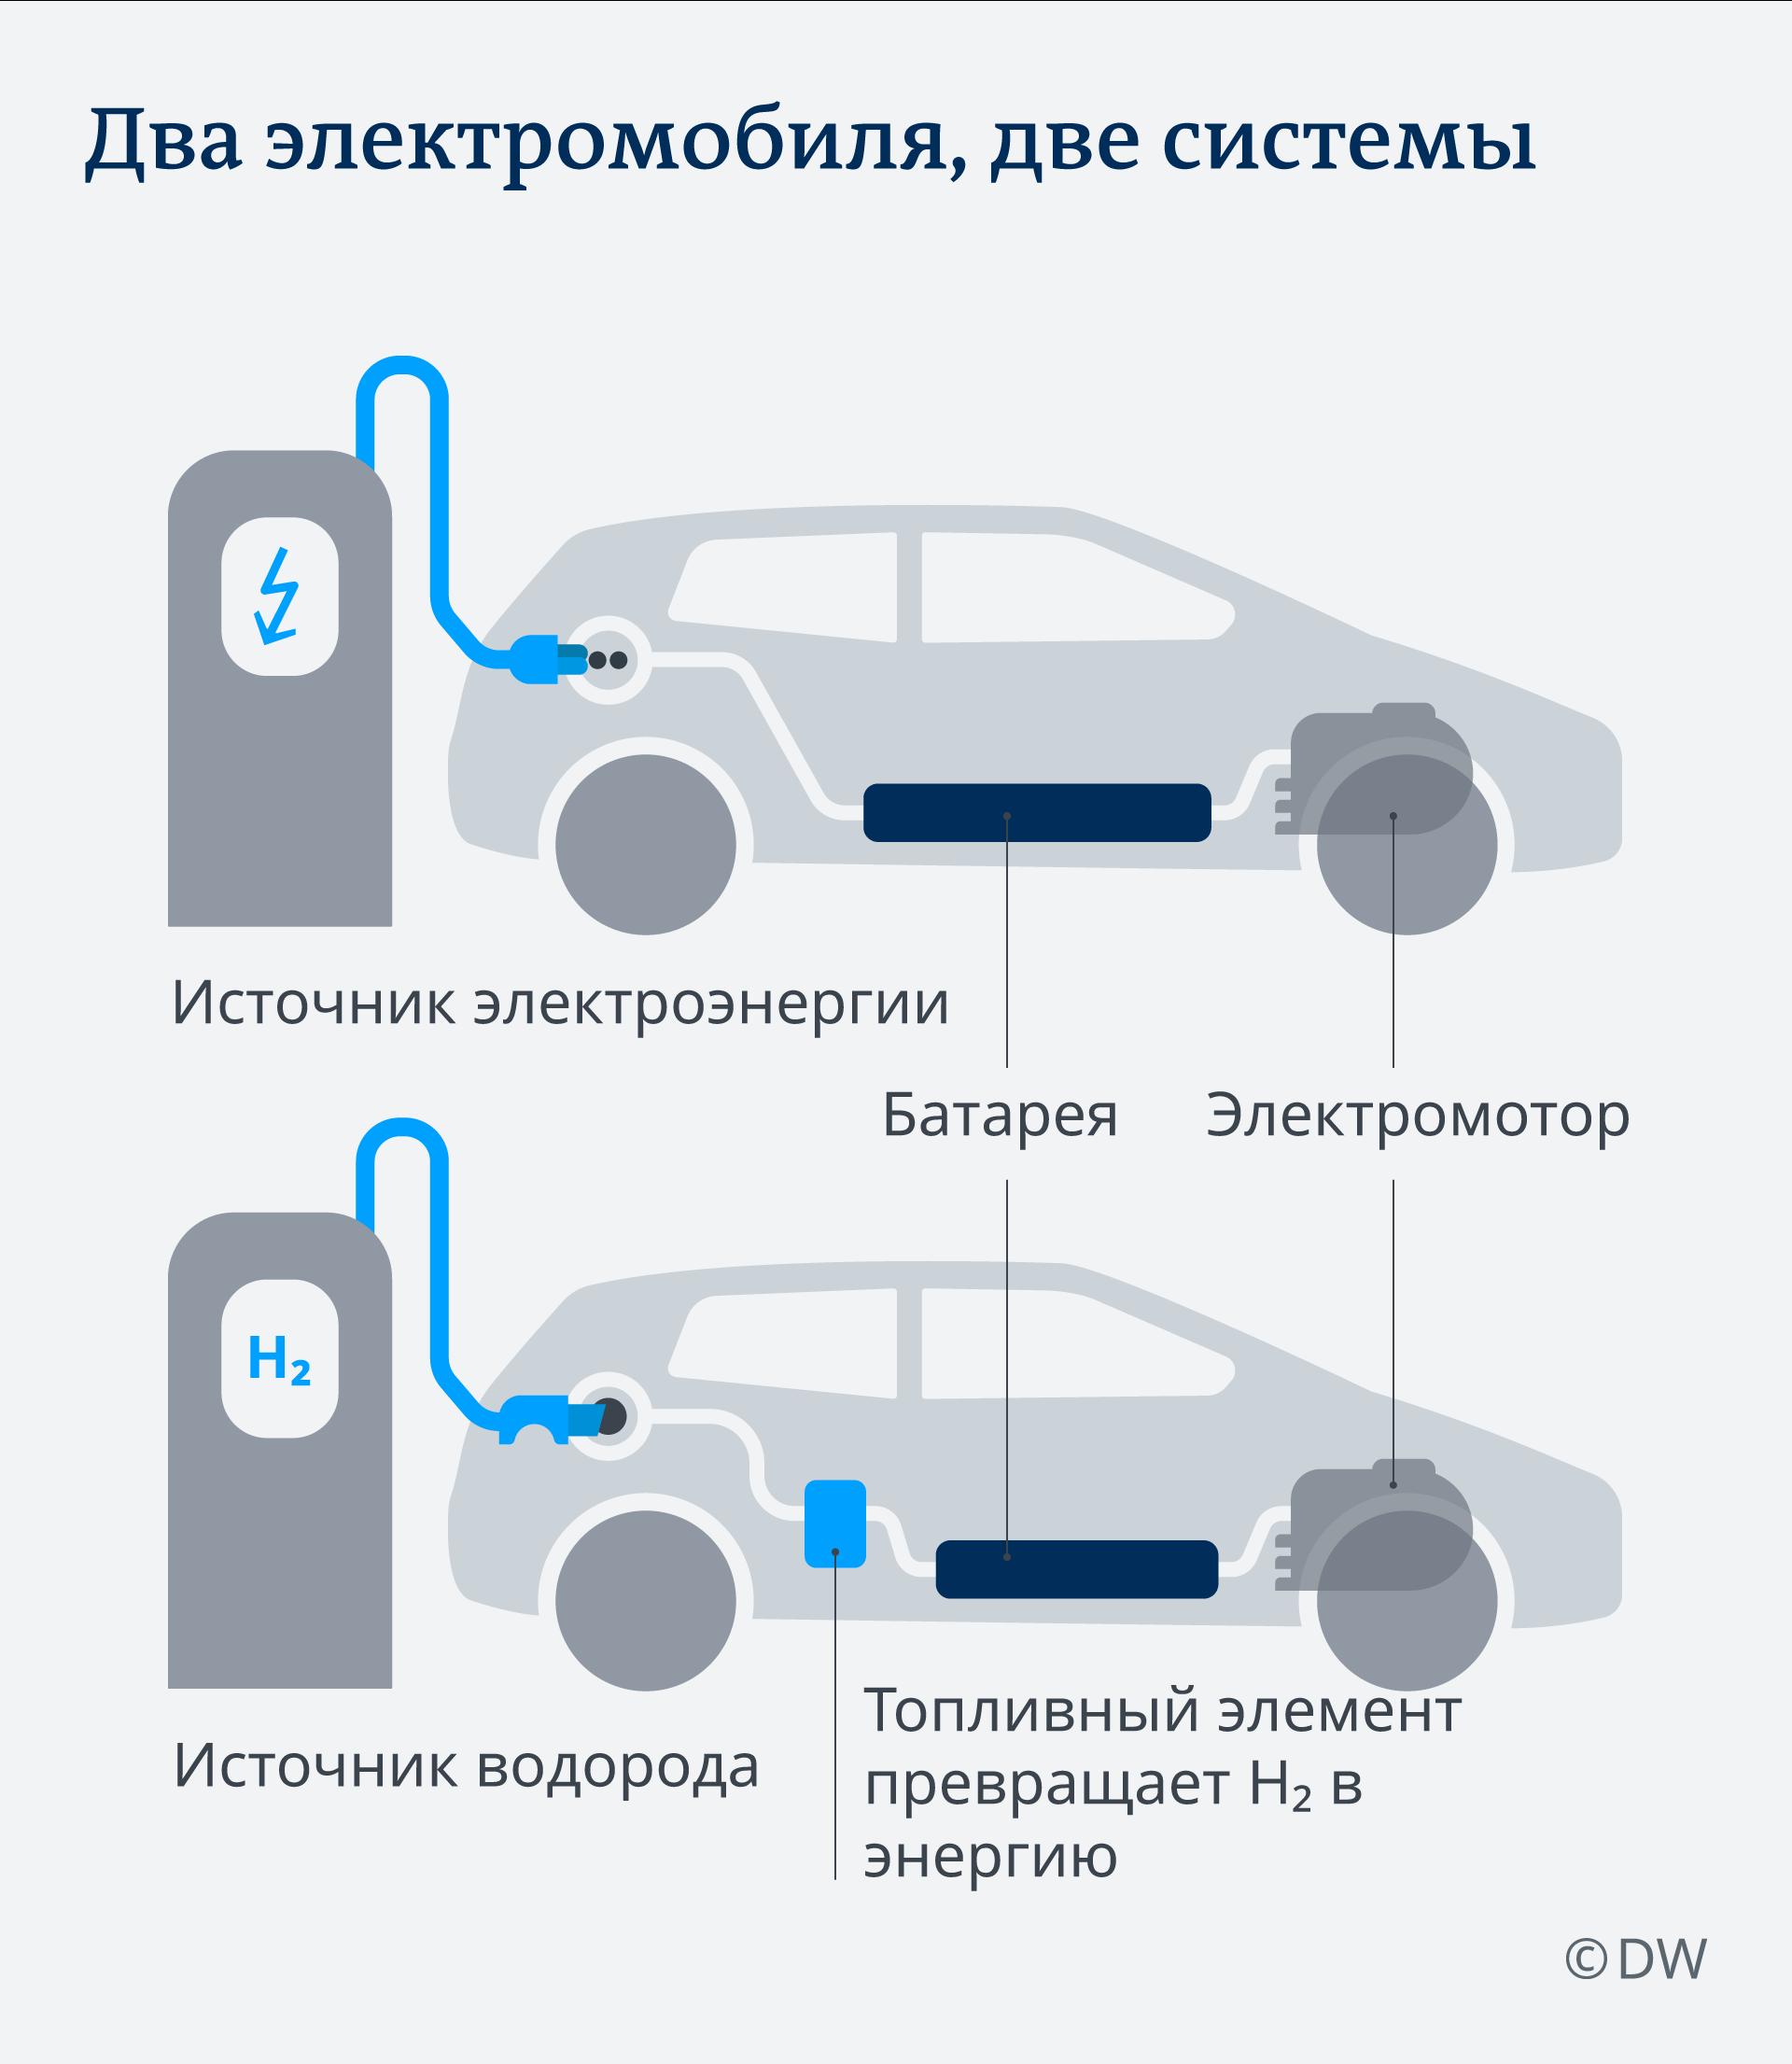 Инфографика Два электромобиля, две системы